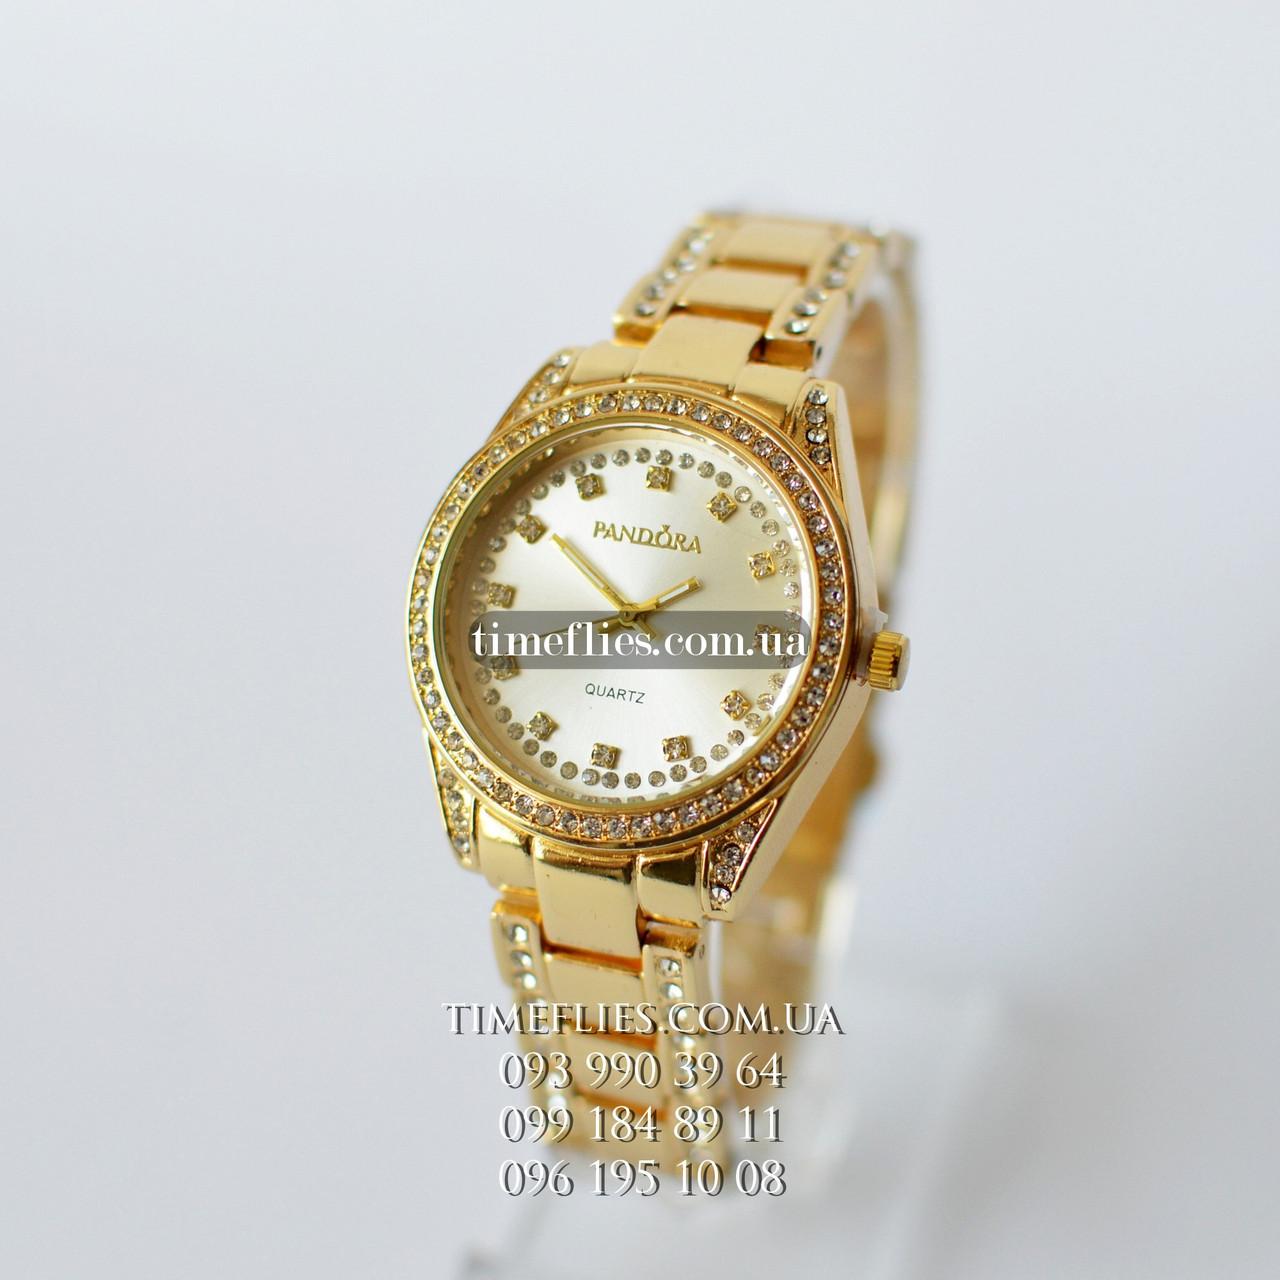 Pandora №5 Женские кварцевые часы